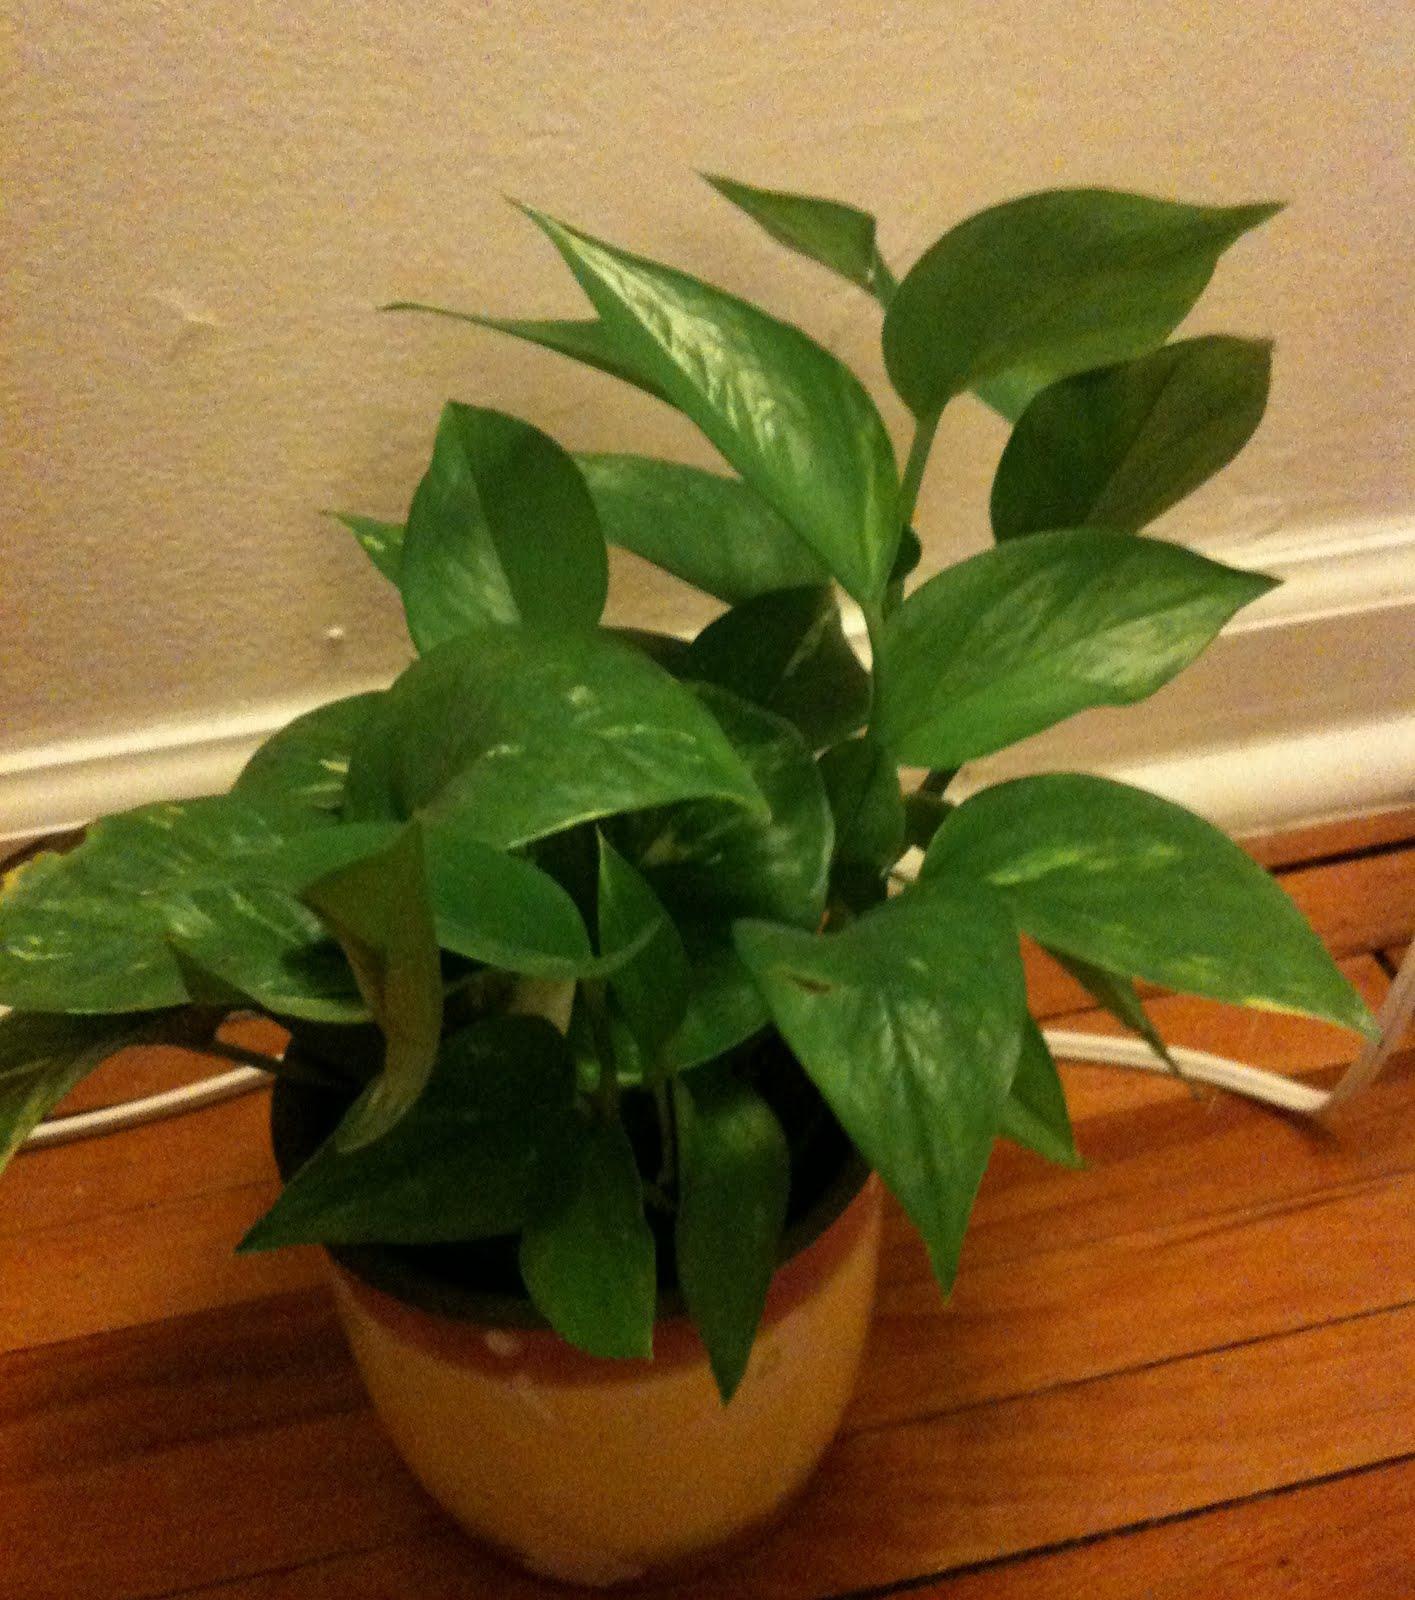 grandes hojas verdes variegadas con distintos colores que van del amarillo al verde claro dependiendo del cultivar elegido y a su notable capacidad - Plantas Verdes De Interior